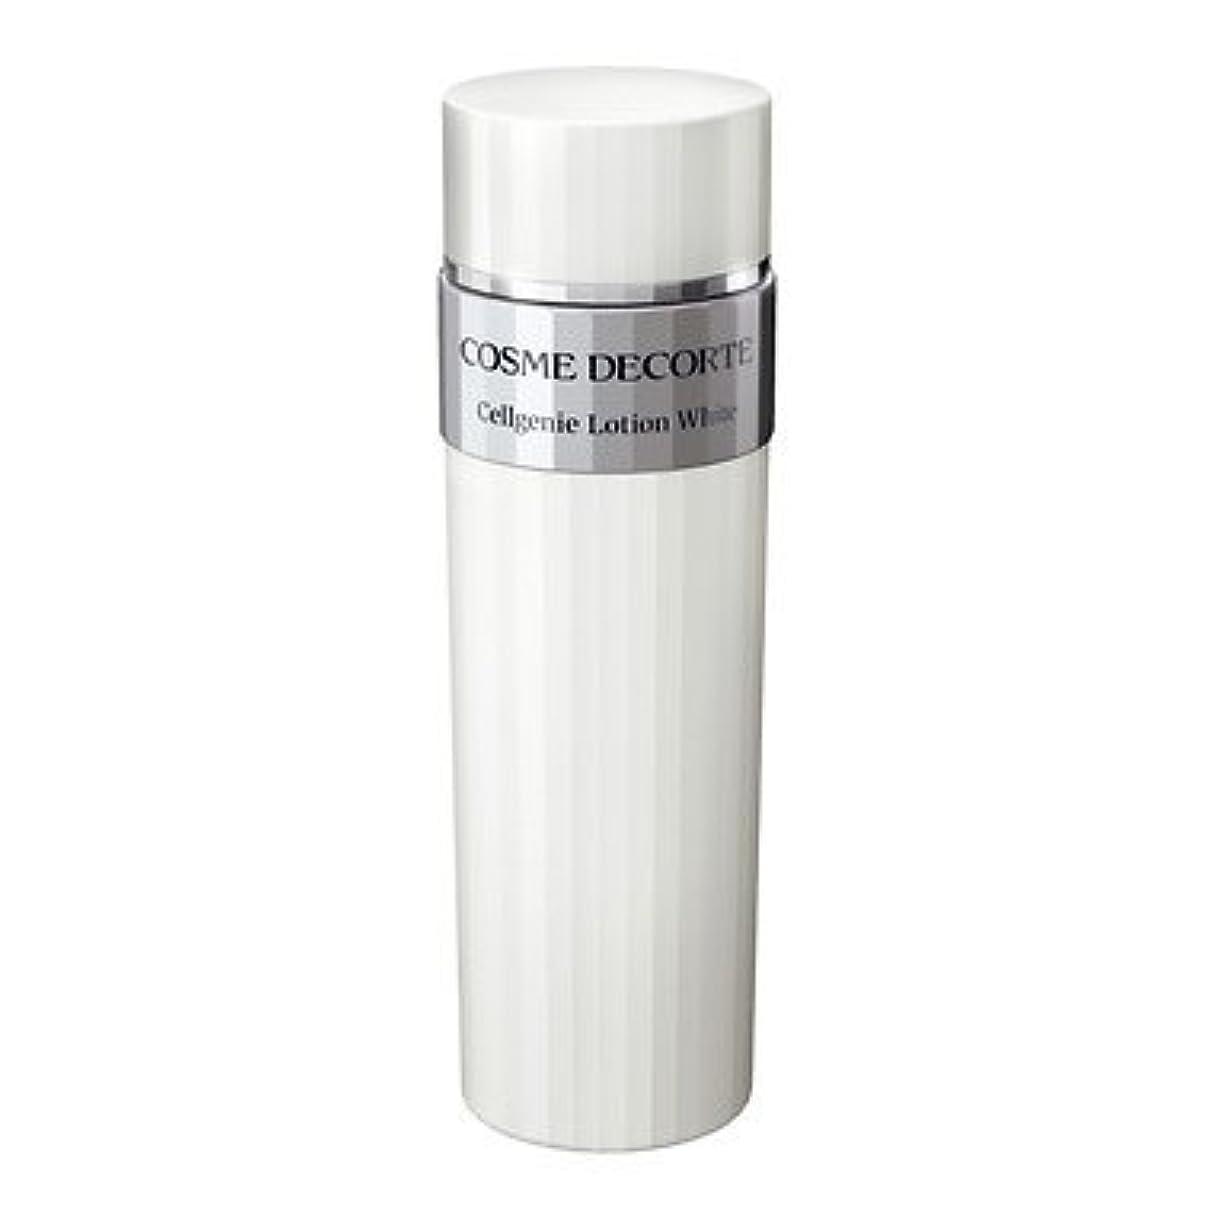 呼吸する単語外国人COSME DECORTE コーセー/KOSE セルジェニーローションホワイト 200ml [362916] [並行輸入品]